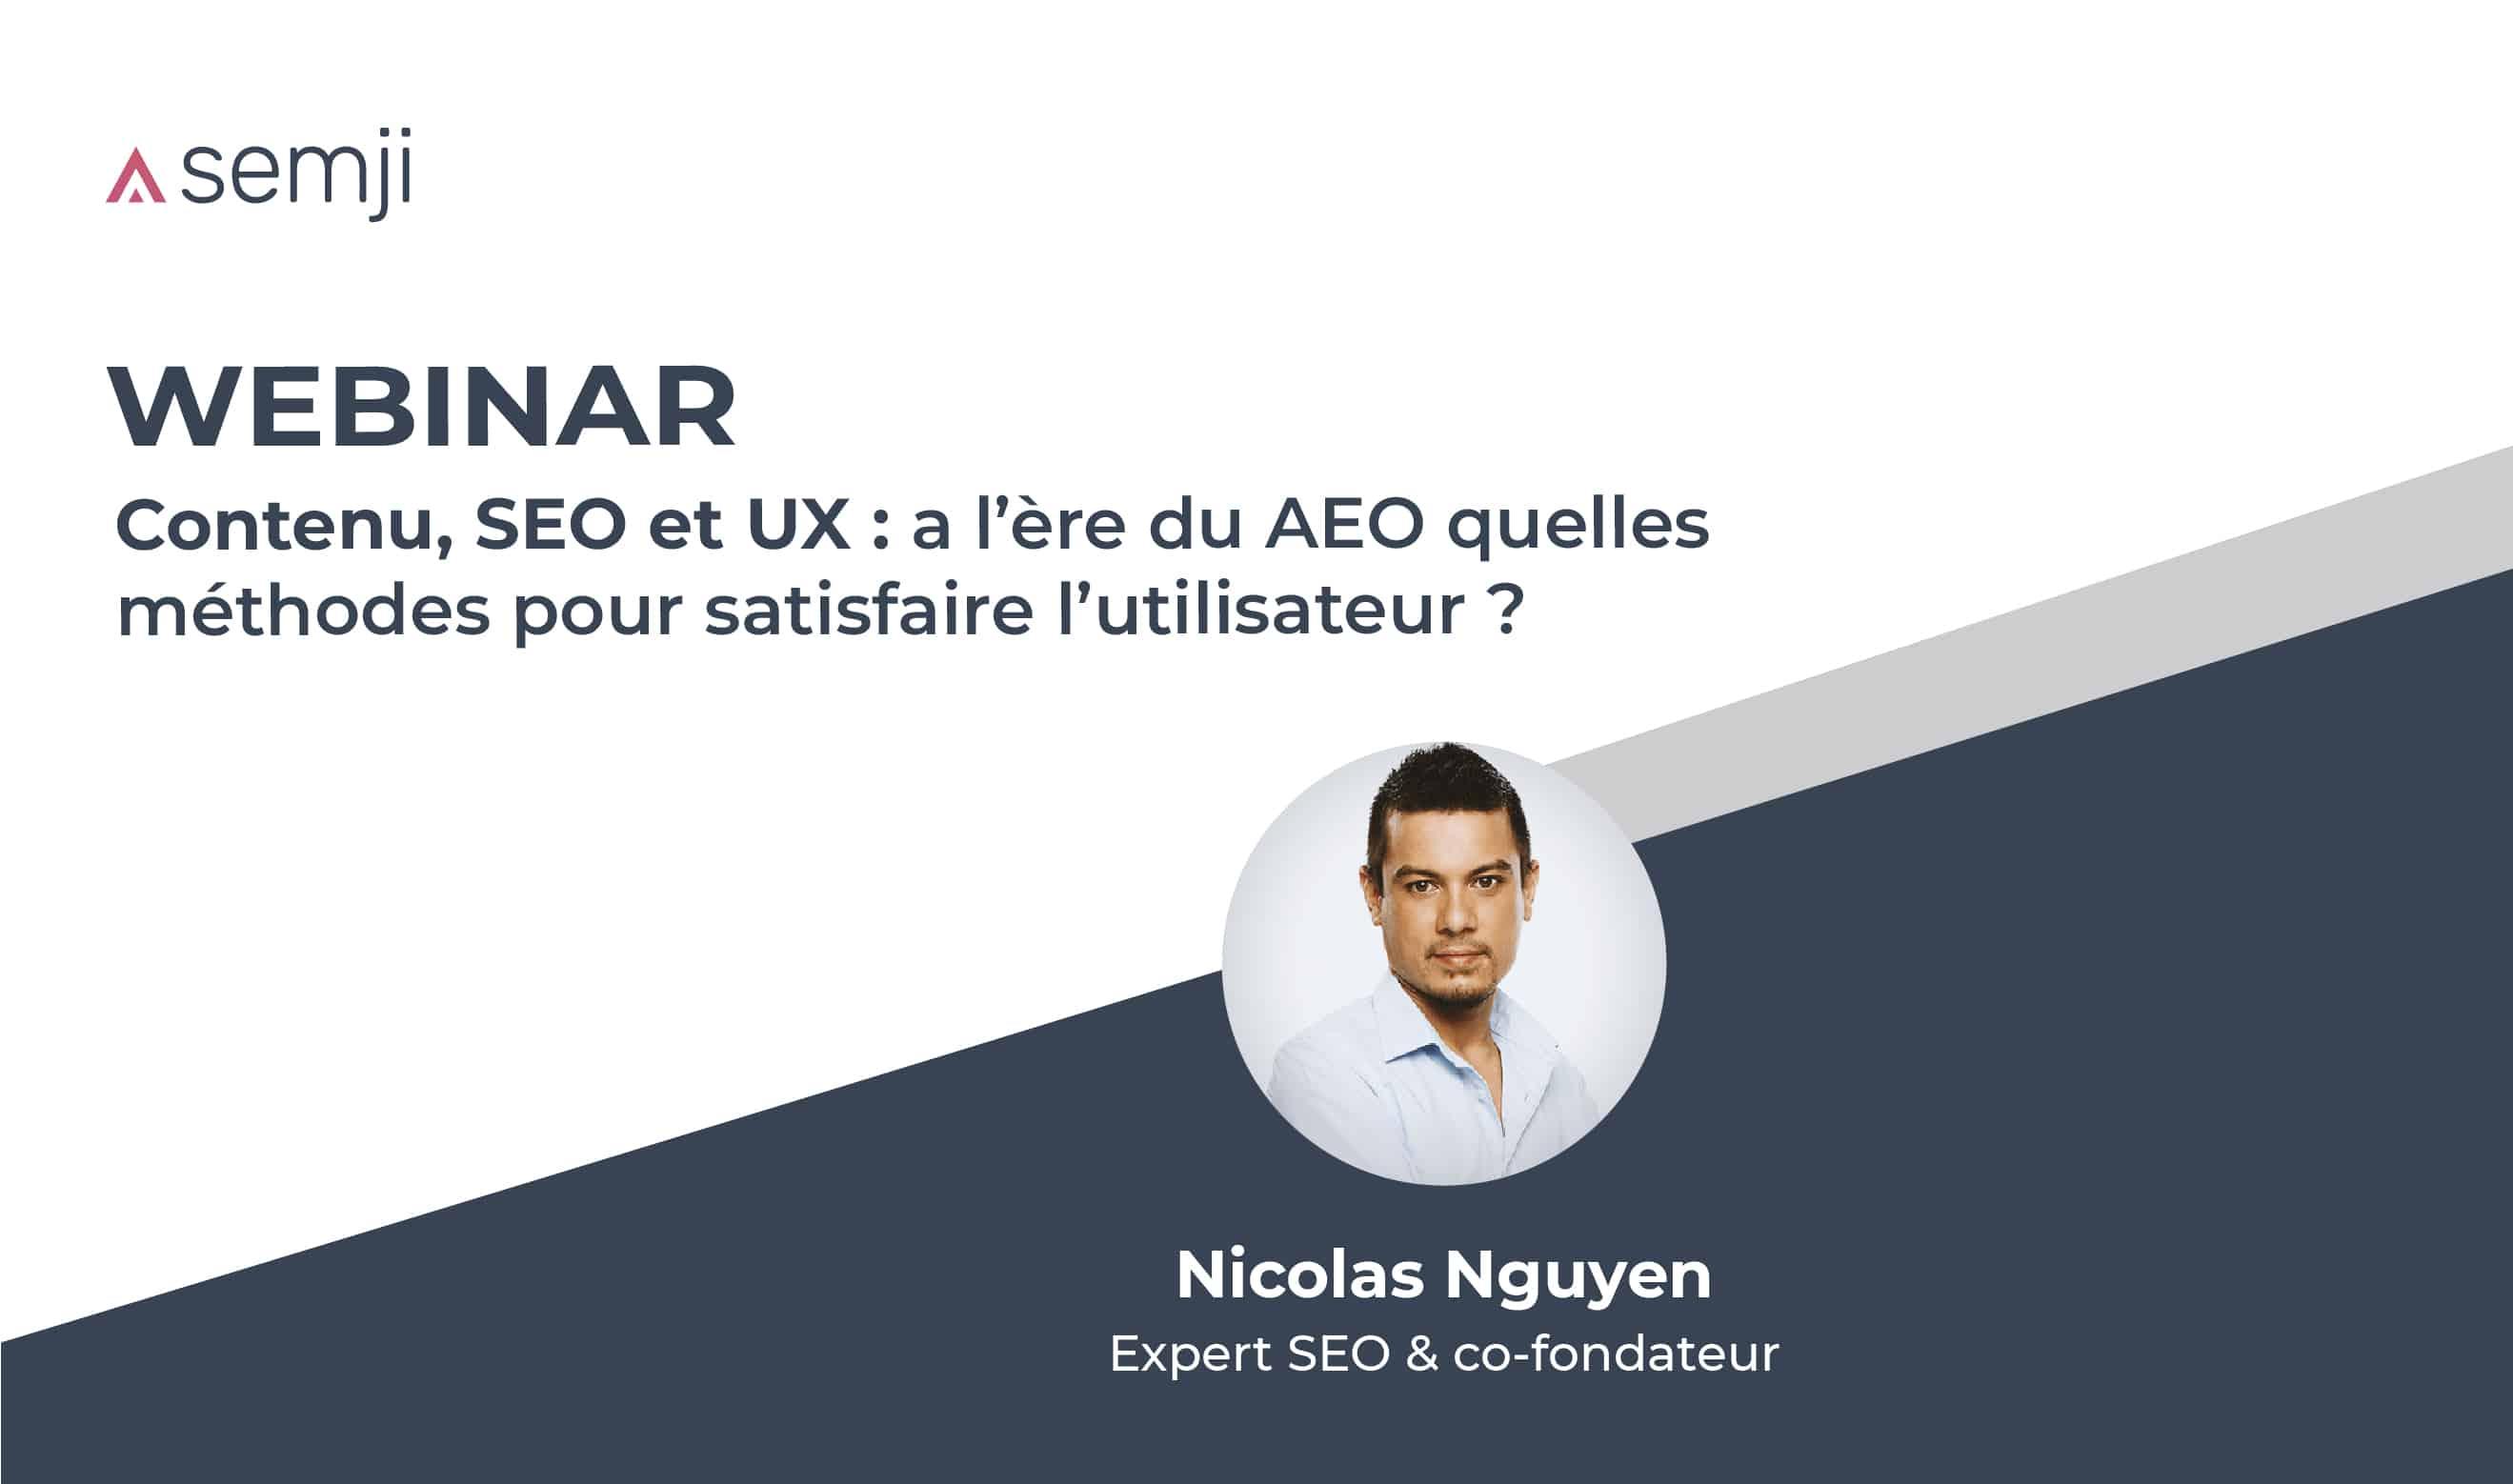 Webinar – Contenu, SEO et UX : A l'ère du AEO, quelles méthodes pour satisfaire l'utilisateur ?